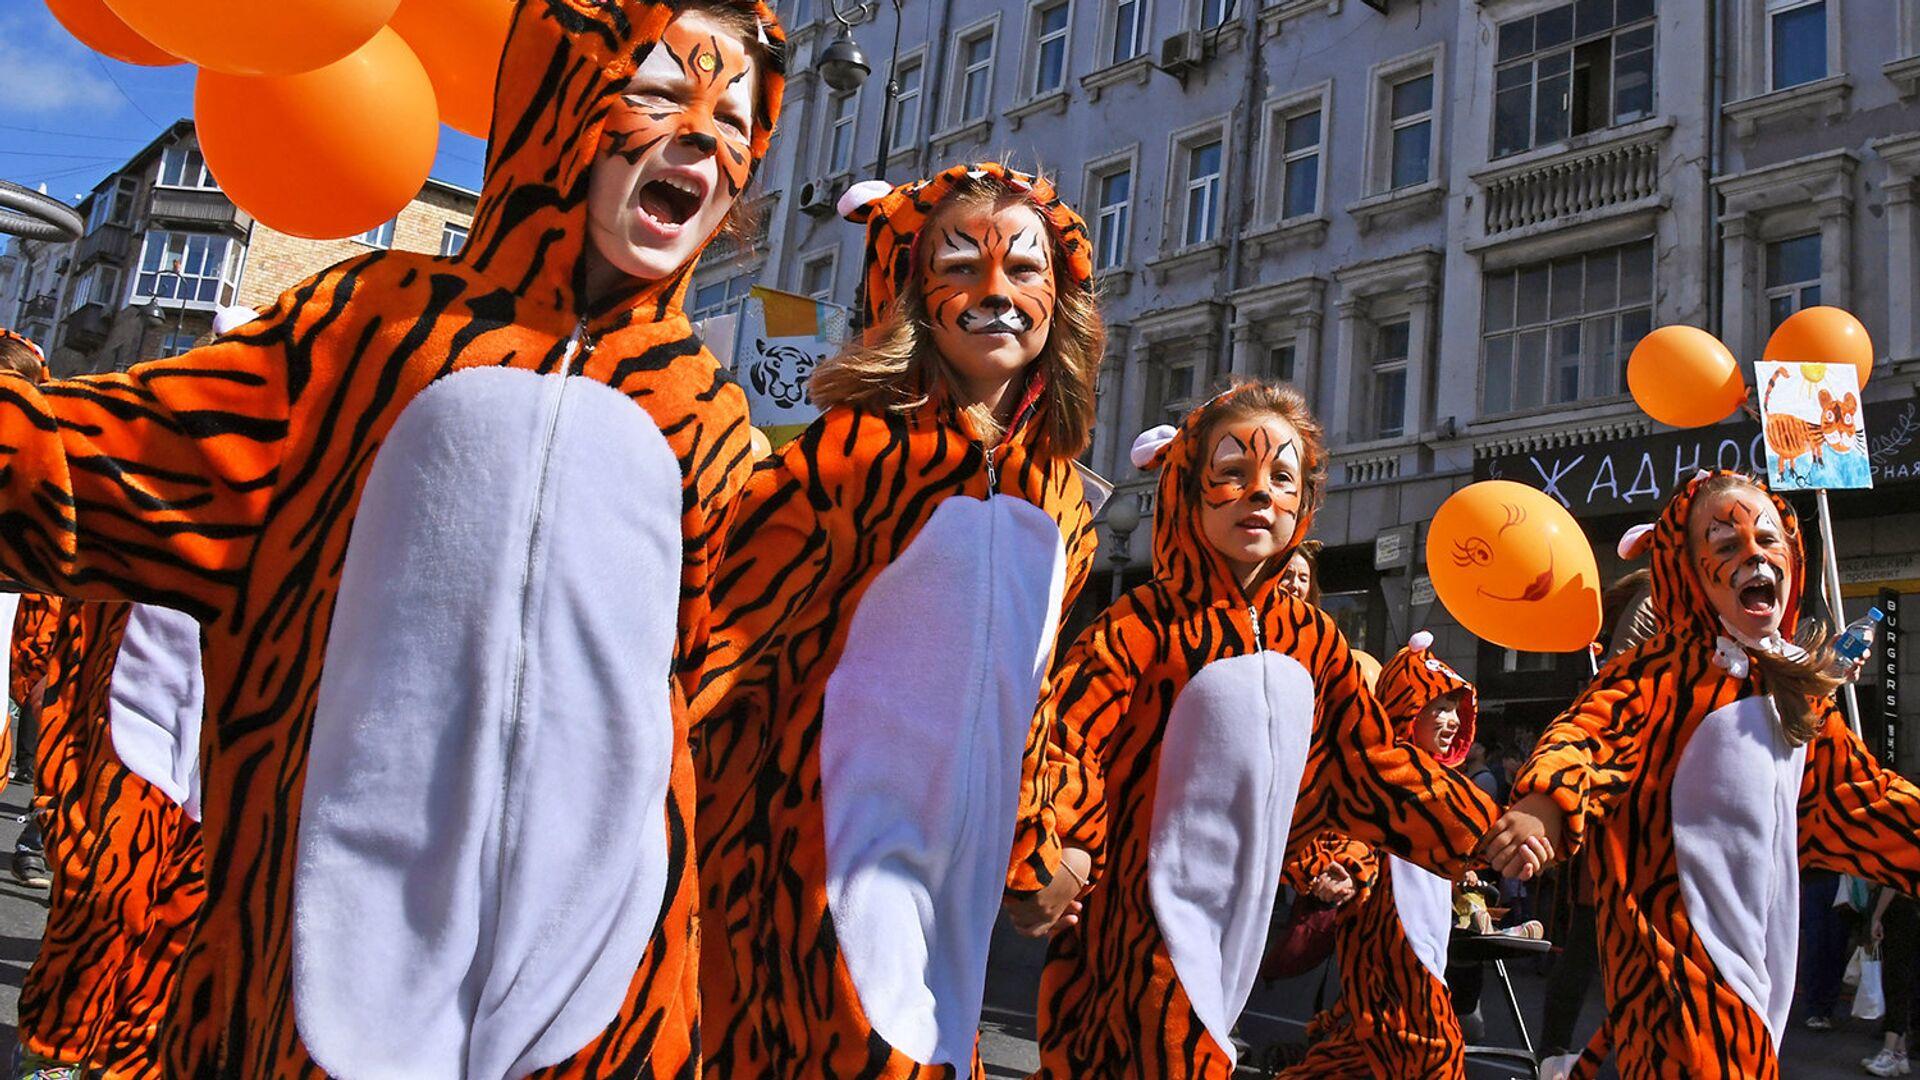 Юные участницы праздничных мероприятий, посвященных Дню тигра, во Владивостоке - РИА Новости, 1920, 25.09.2021